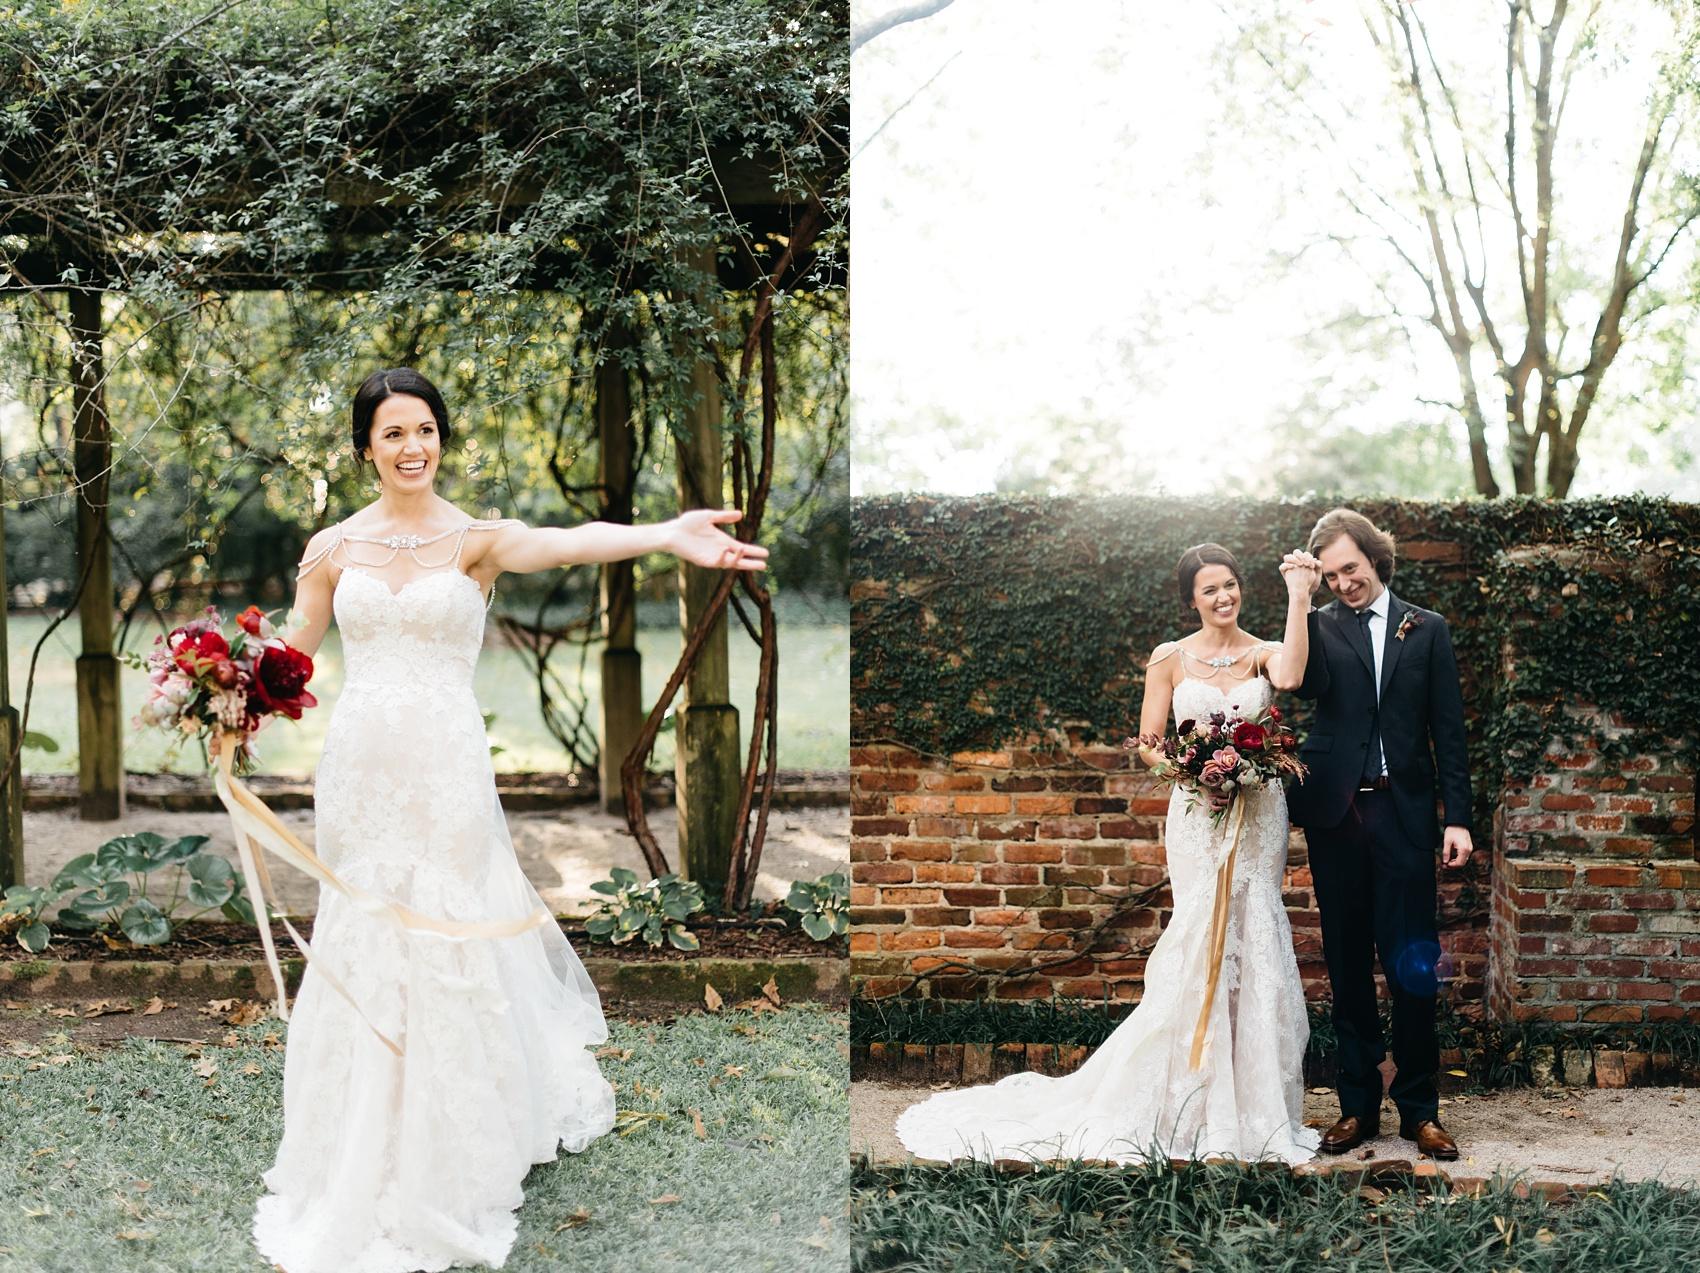 aiken_wedding_photographer_5614.jpg